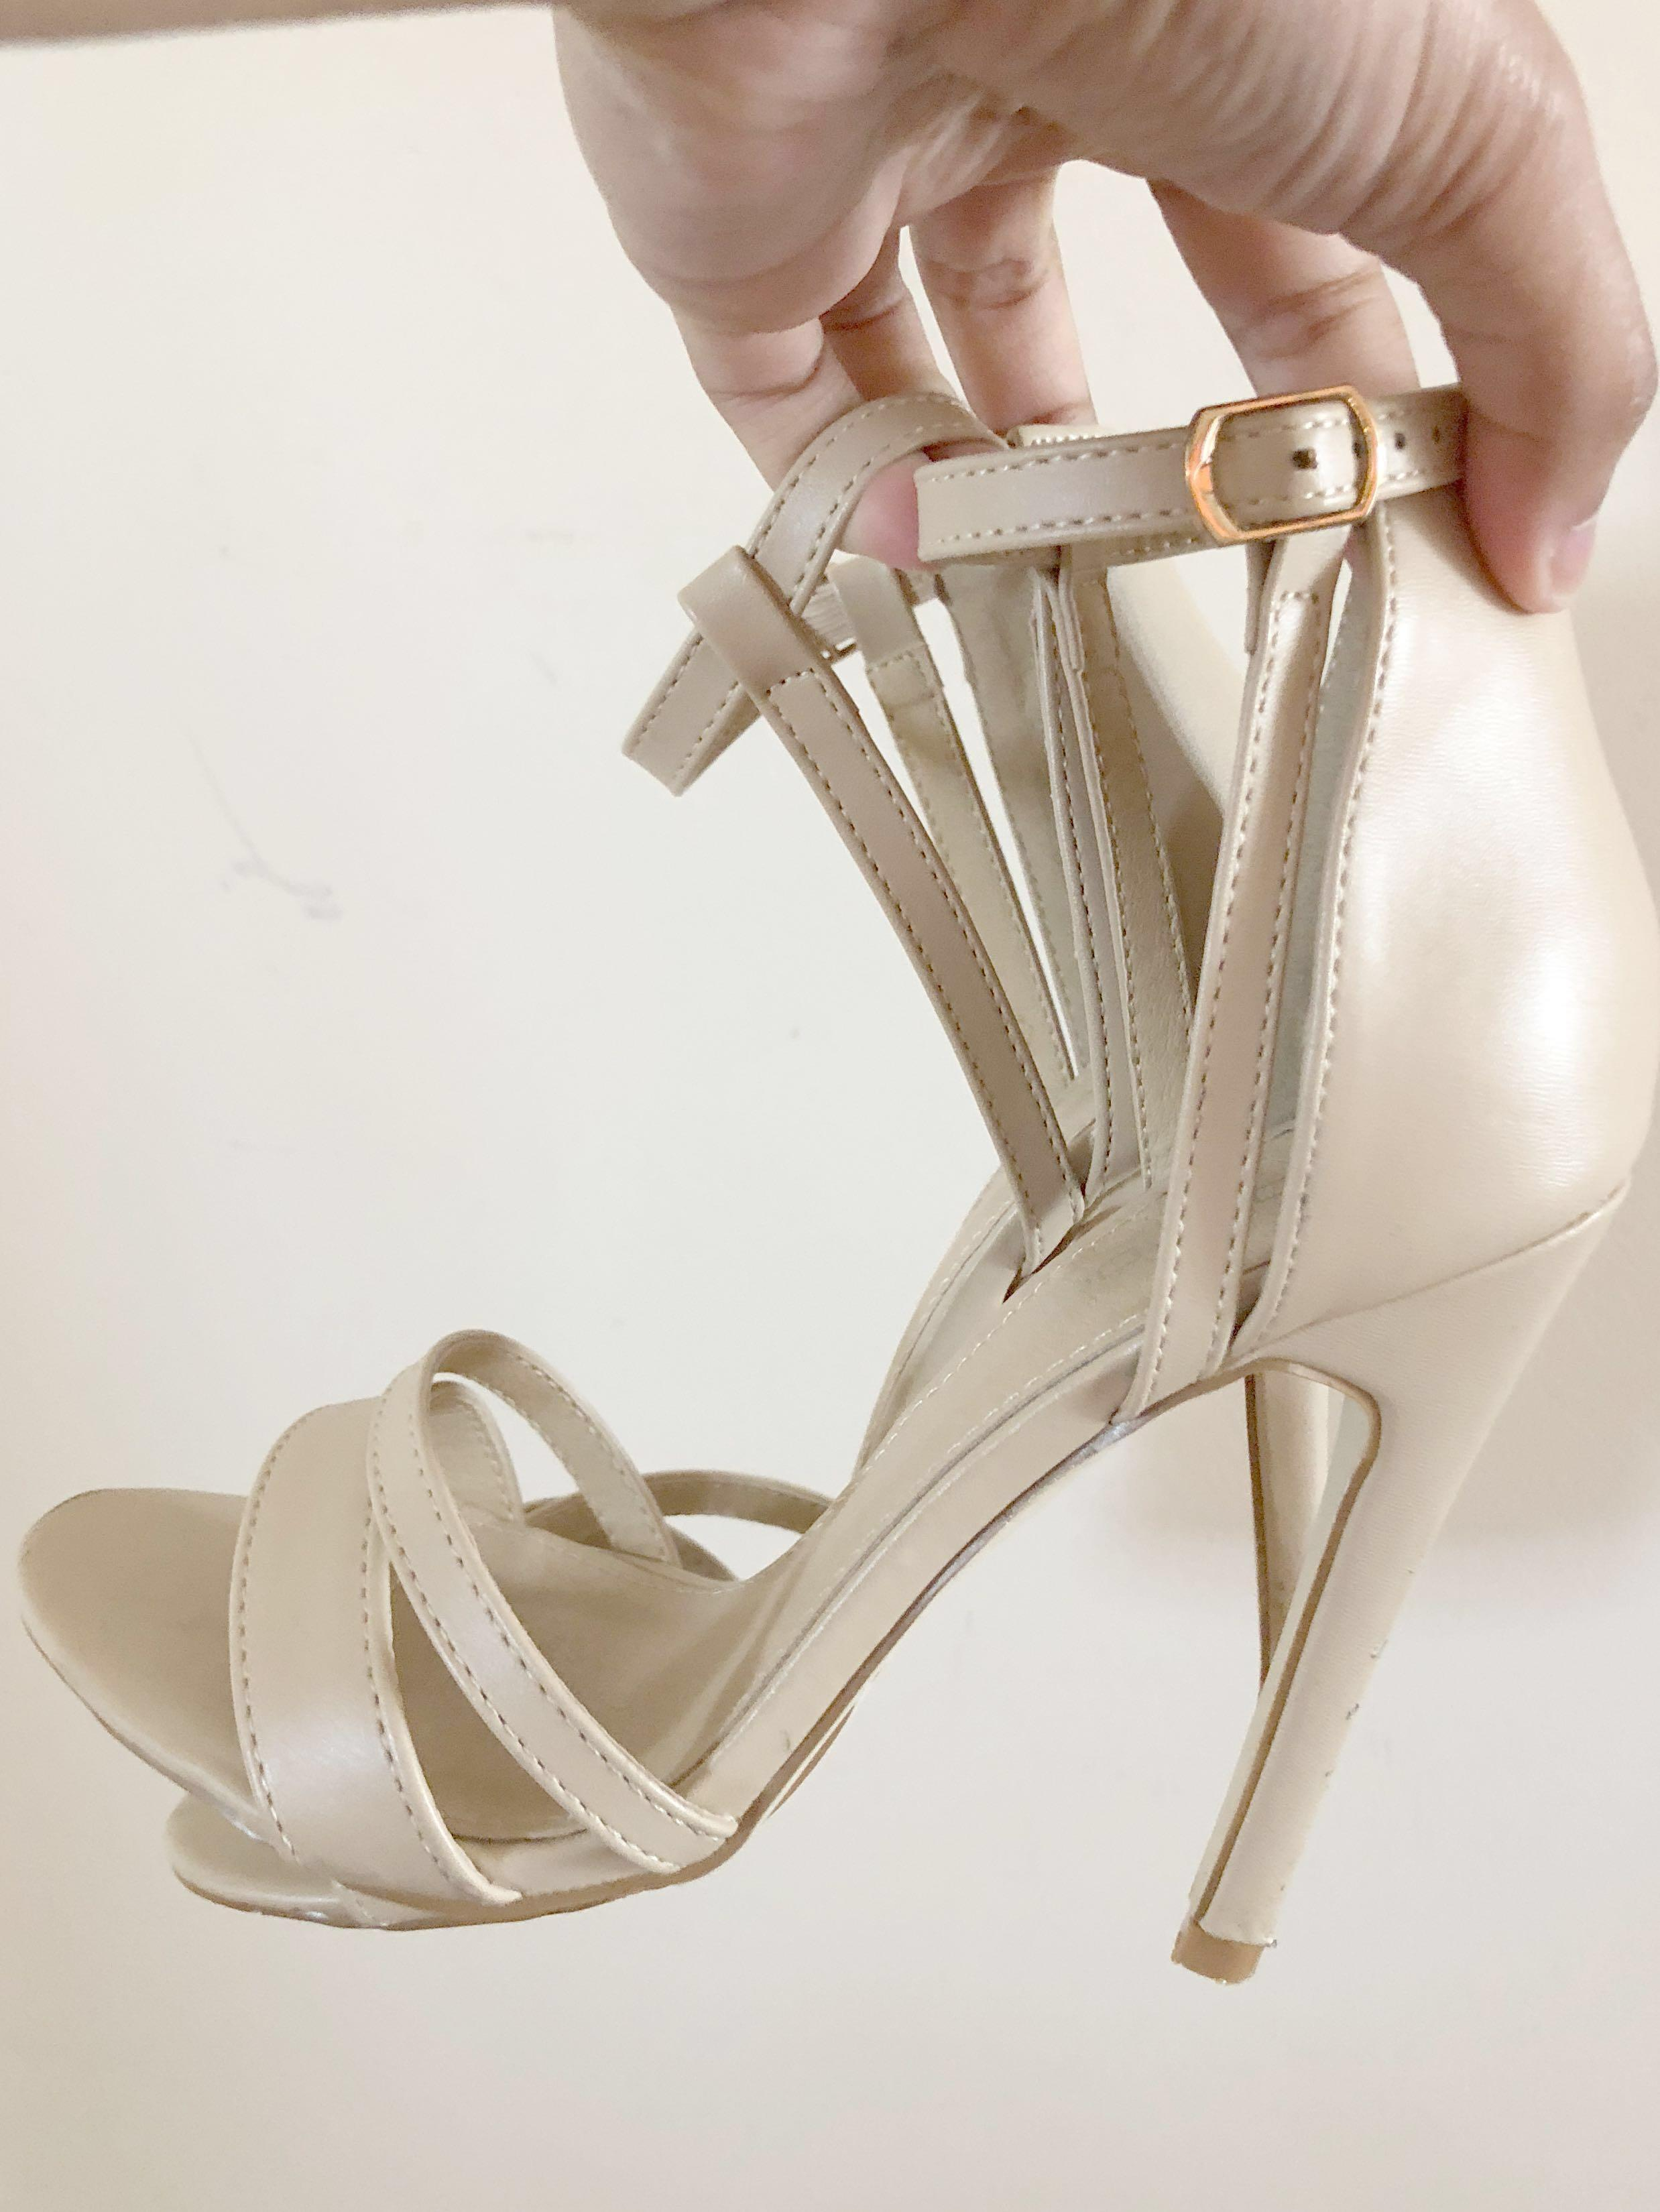 Nude Boohoo heels size 5 womens